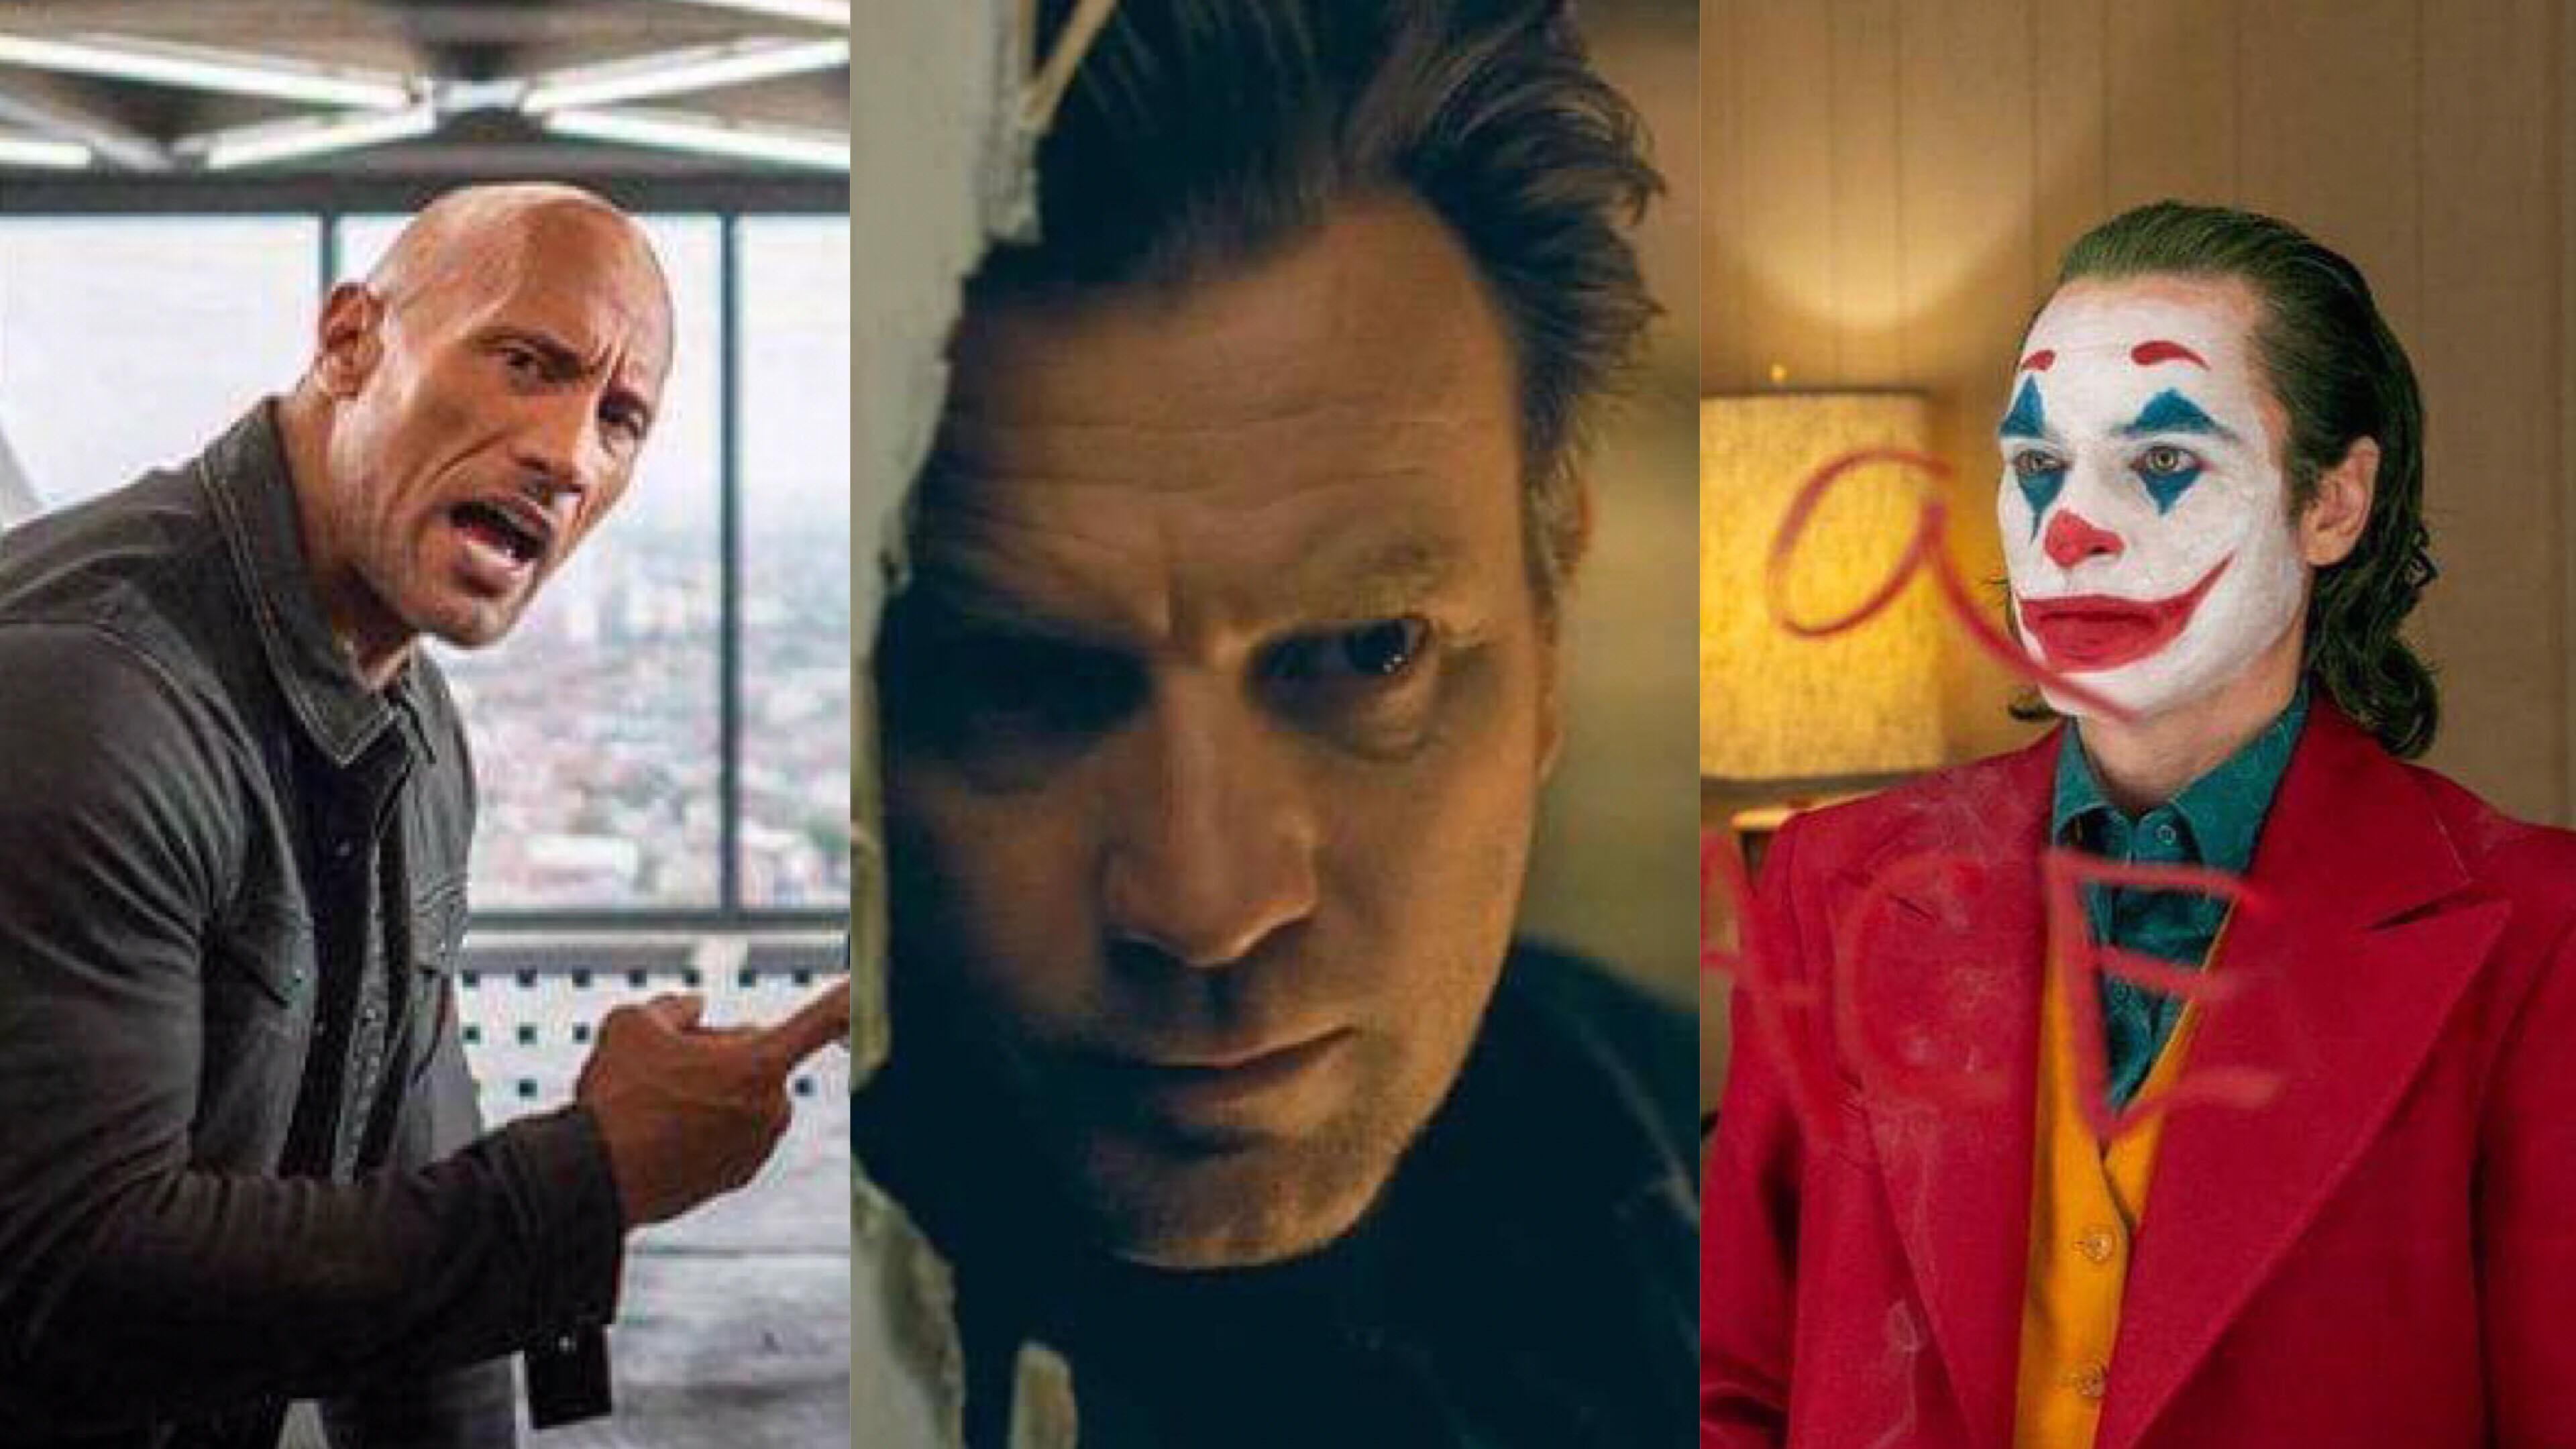 2019 下半年「必看的 10 部電影」,錯過你一定會遺憾! – 我們用電影寫日記